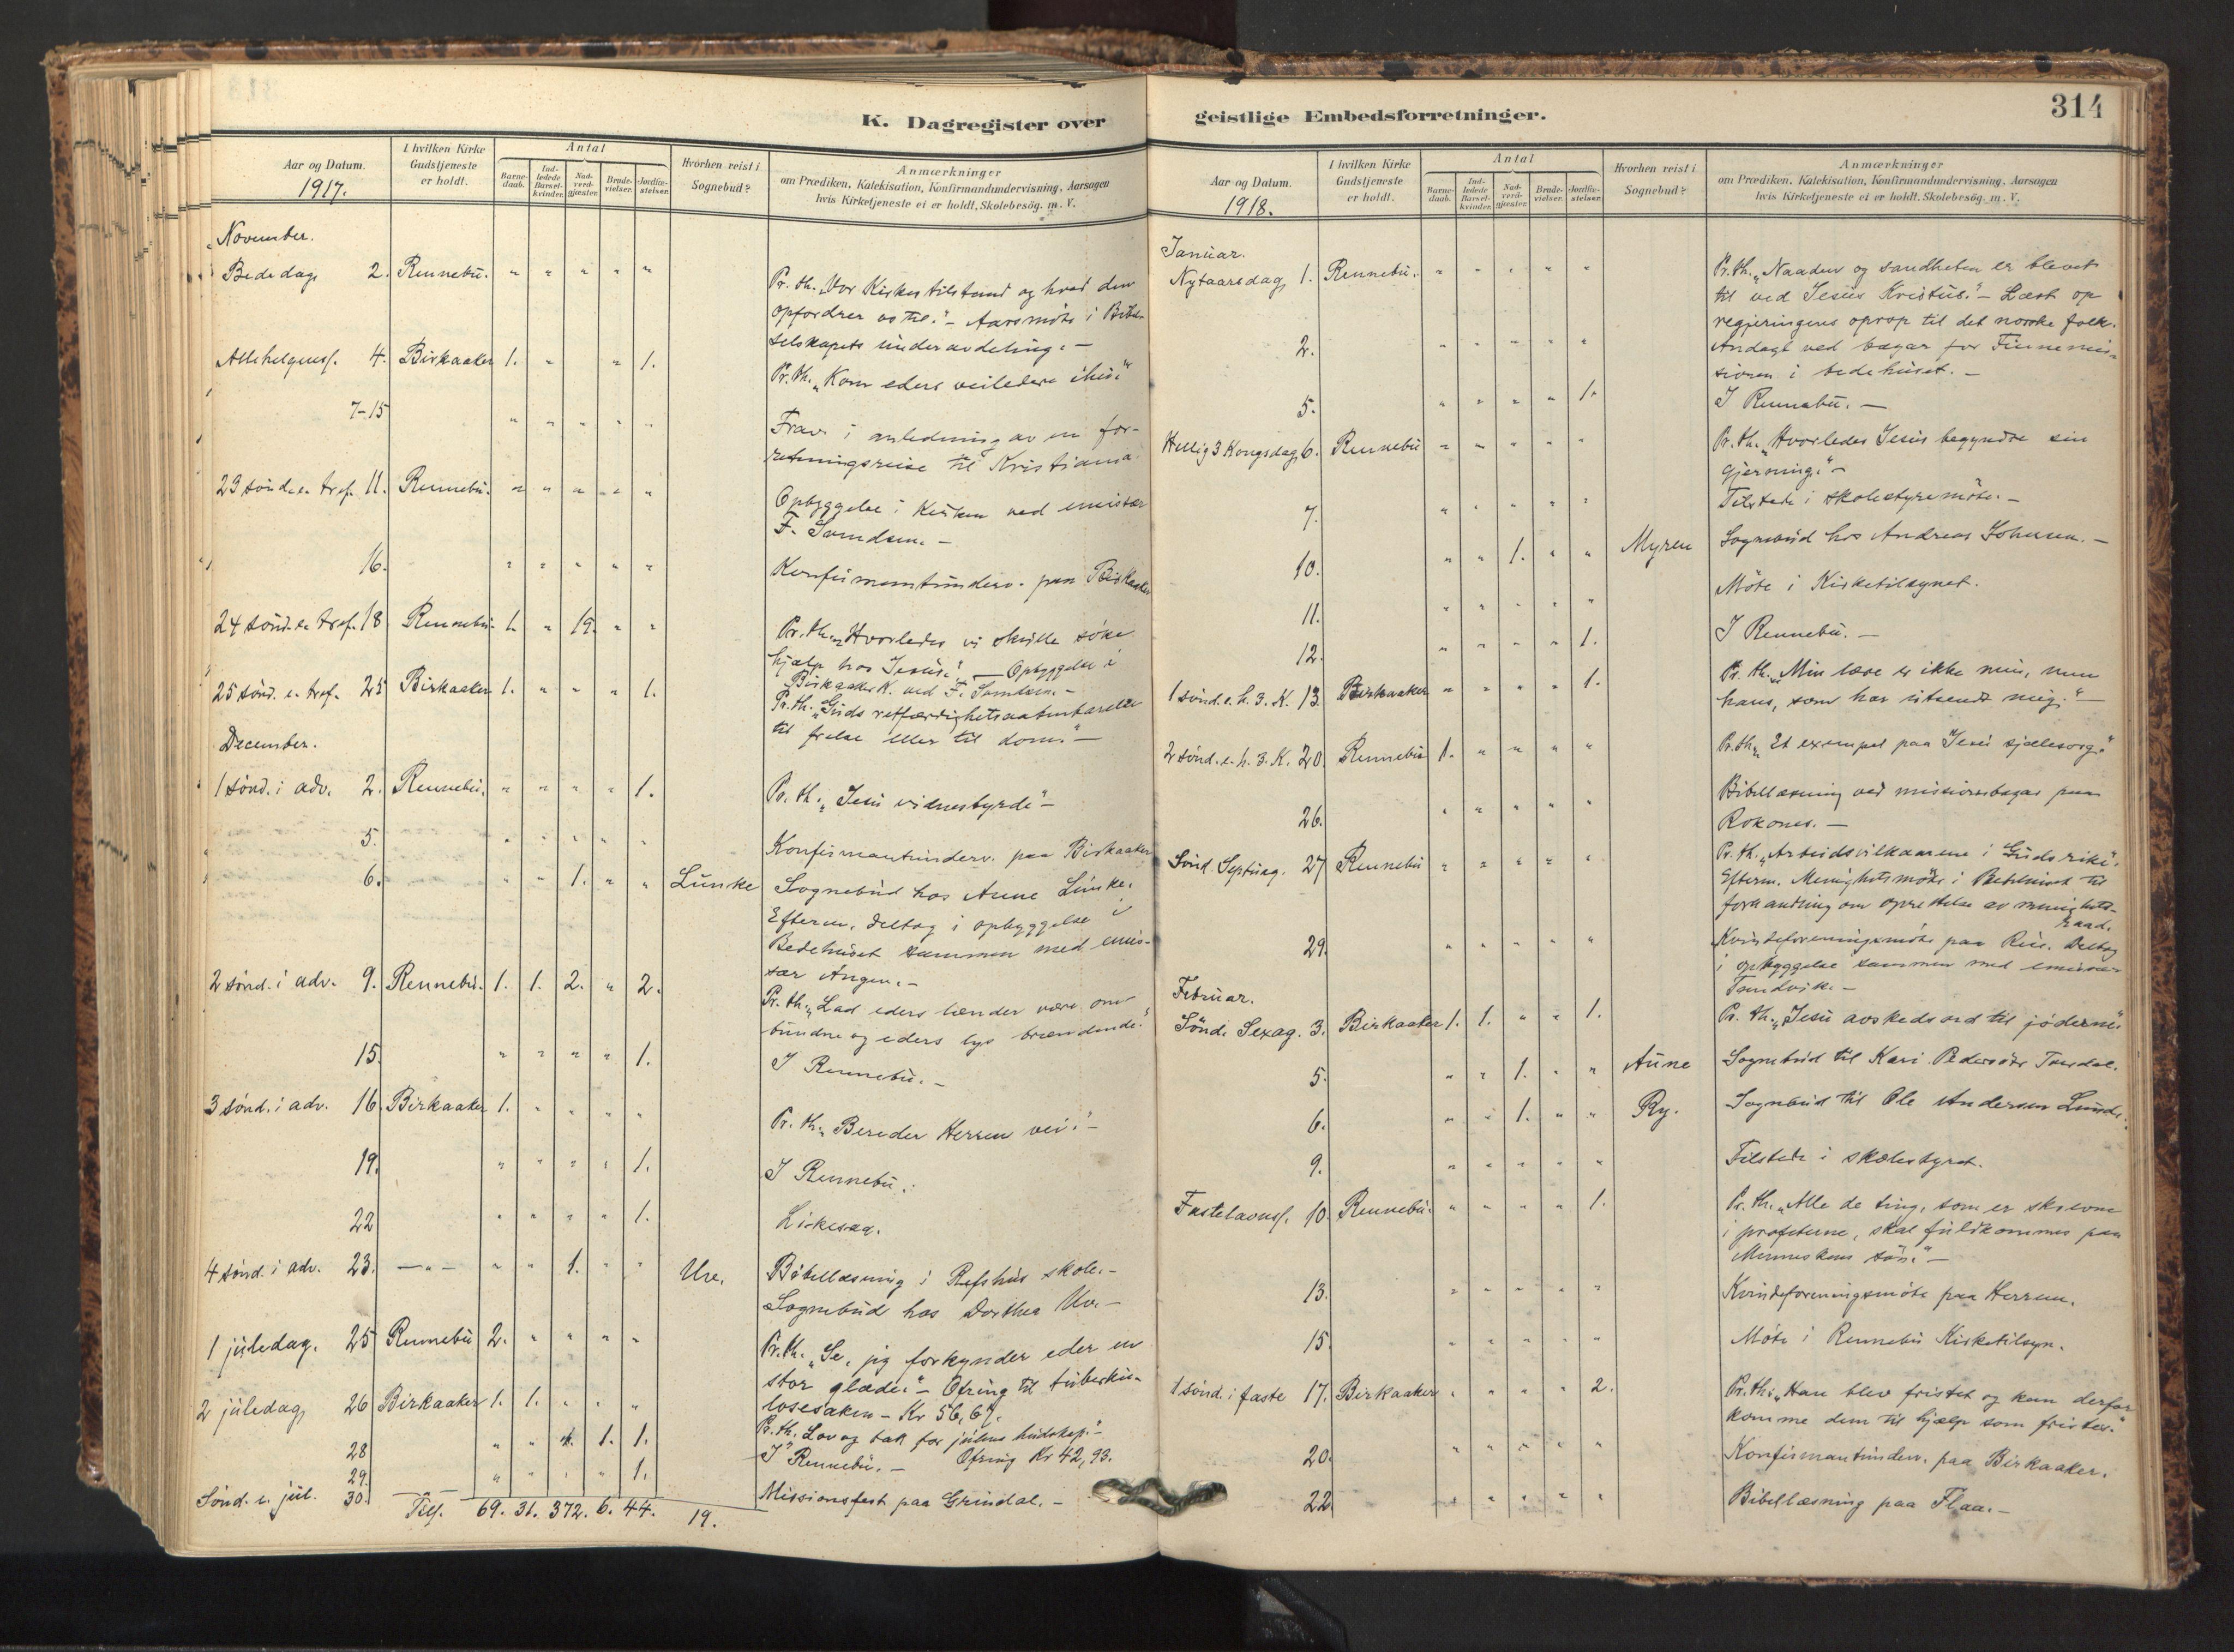 SAT, Ministerialprotokoller, klokkerbøker og fødselsregistre - Sør-Trøndelag, 674/L0873: Ministerialbok nr. 674A05, 1908-1923, s. 314